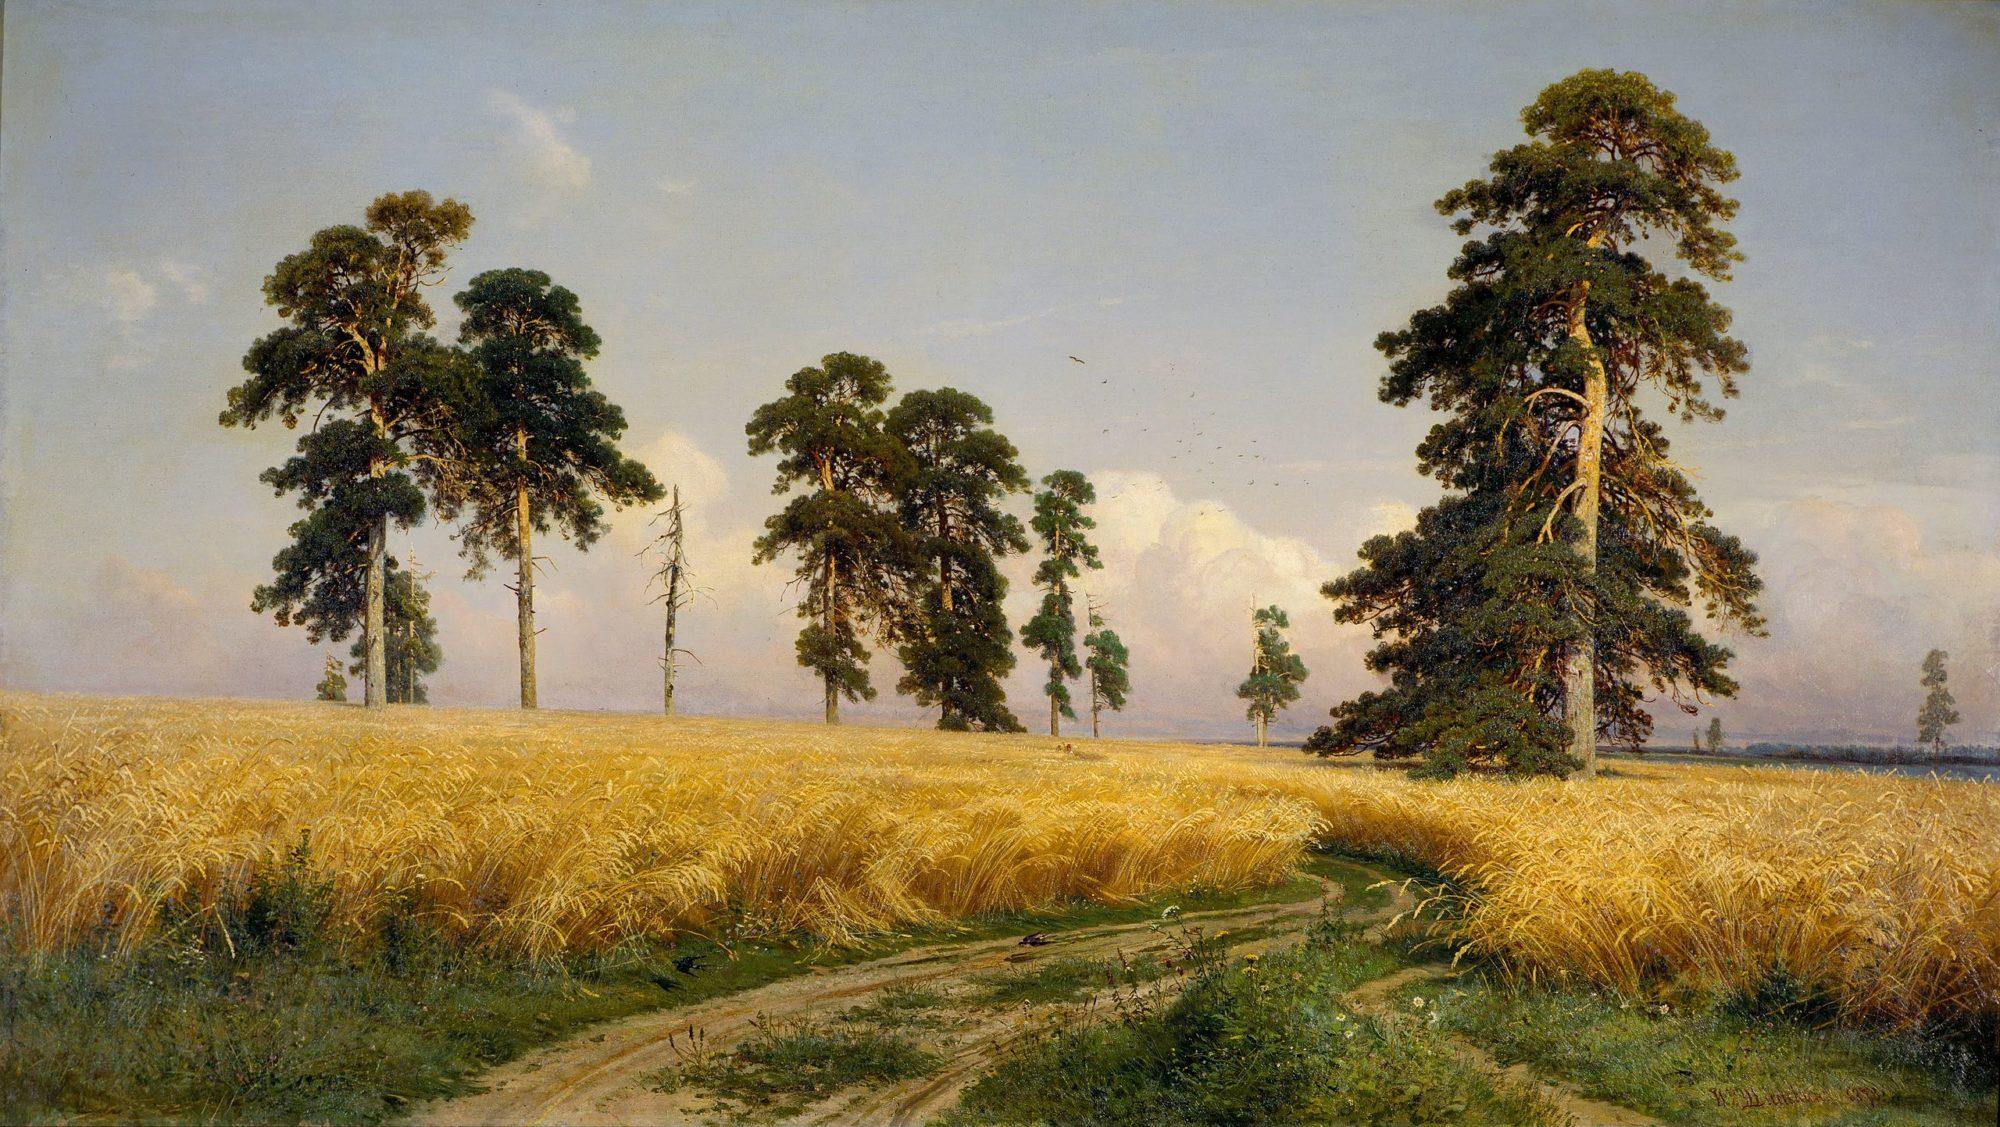 Иван Шишкин, 1878 год, картина «Рожь»